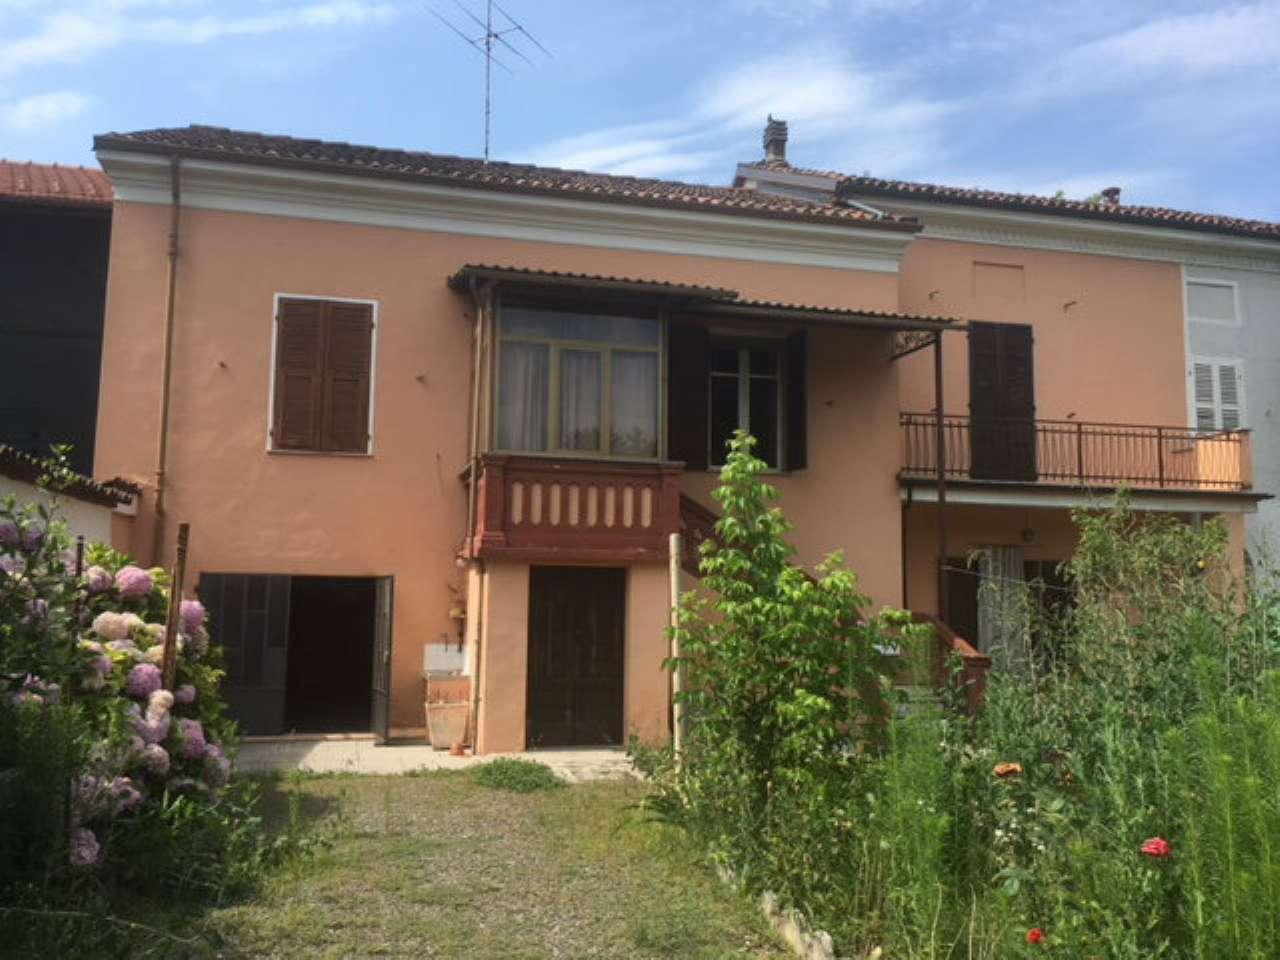 Soluzione Indipendente in vendita a Frugarolo, 5 locali, prezzo € 140.000 | PortaleAgenzieImmobiliari.it